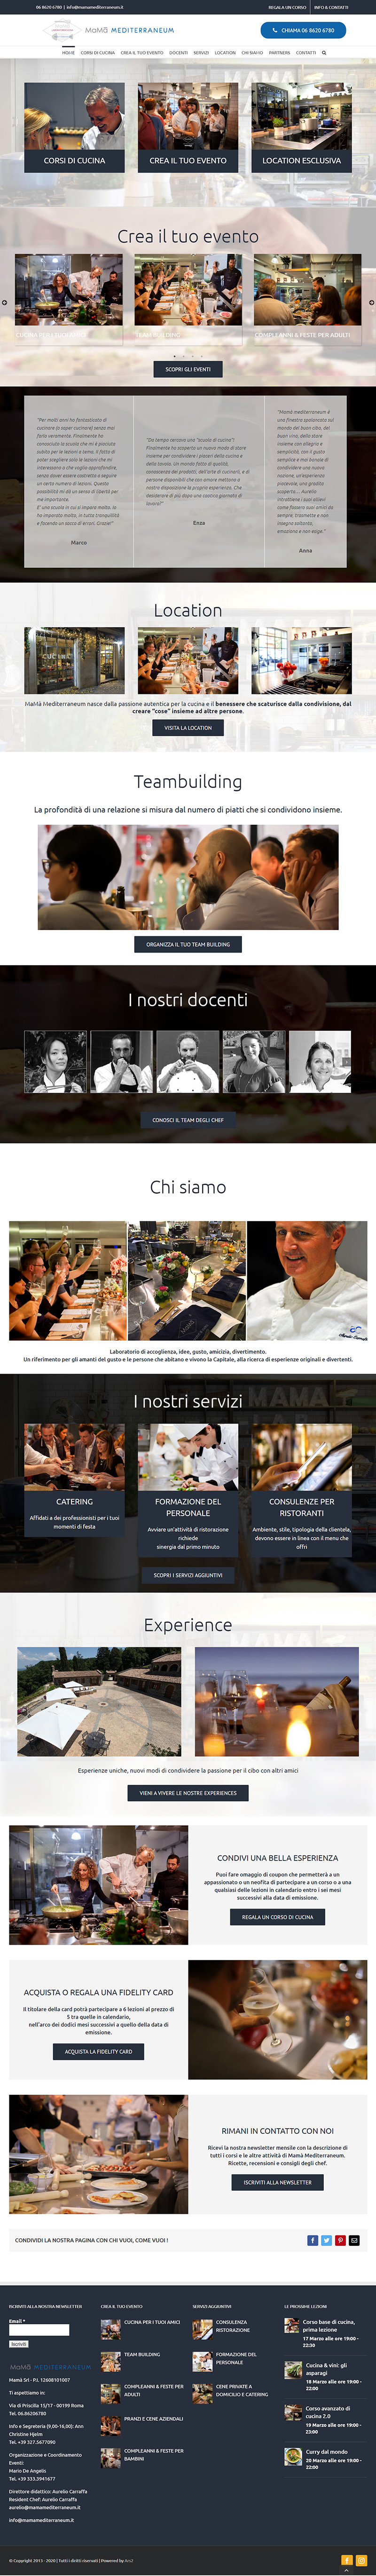 mamamediterraneum.it - portfolio sito arsdue